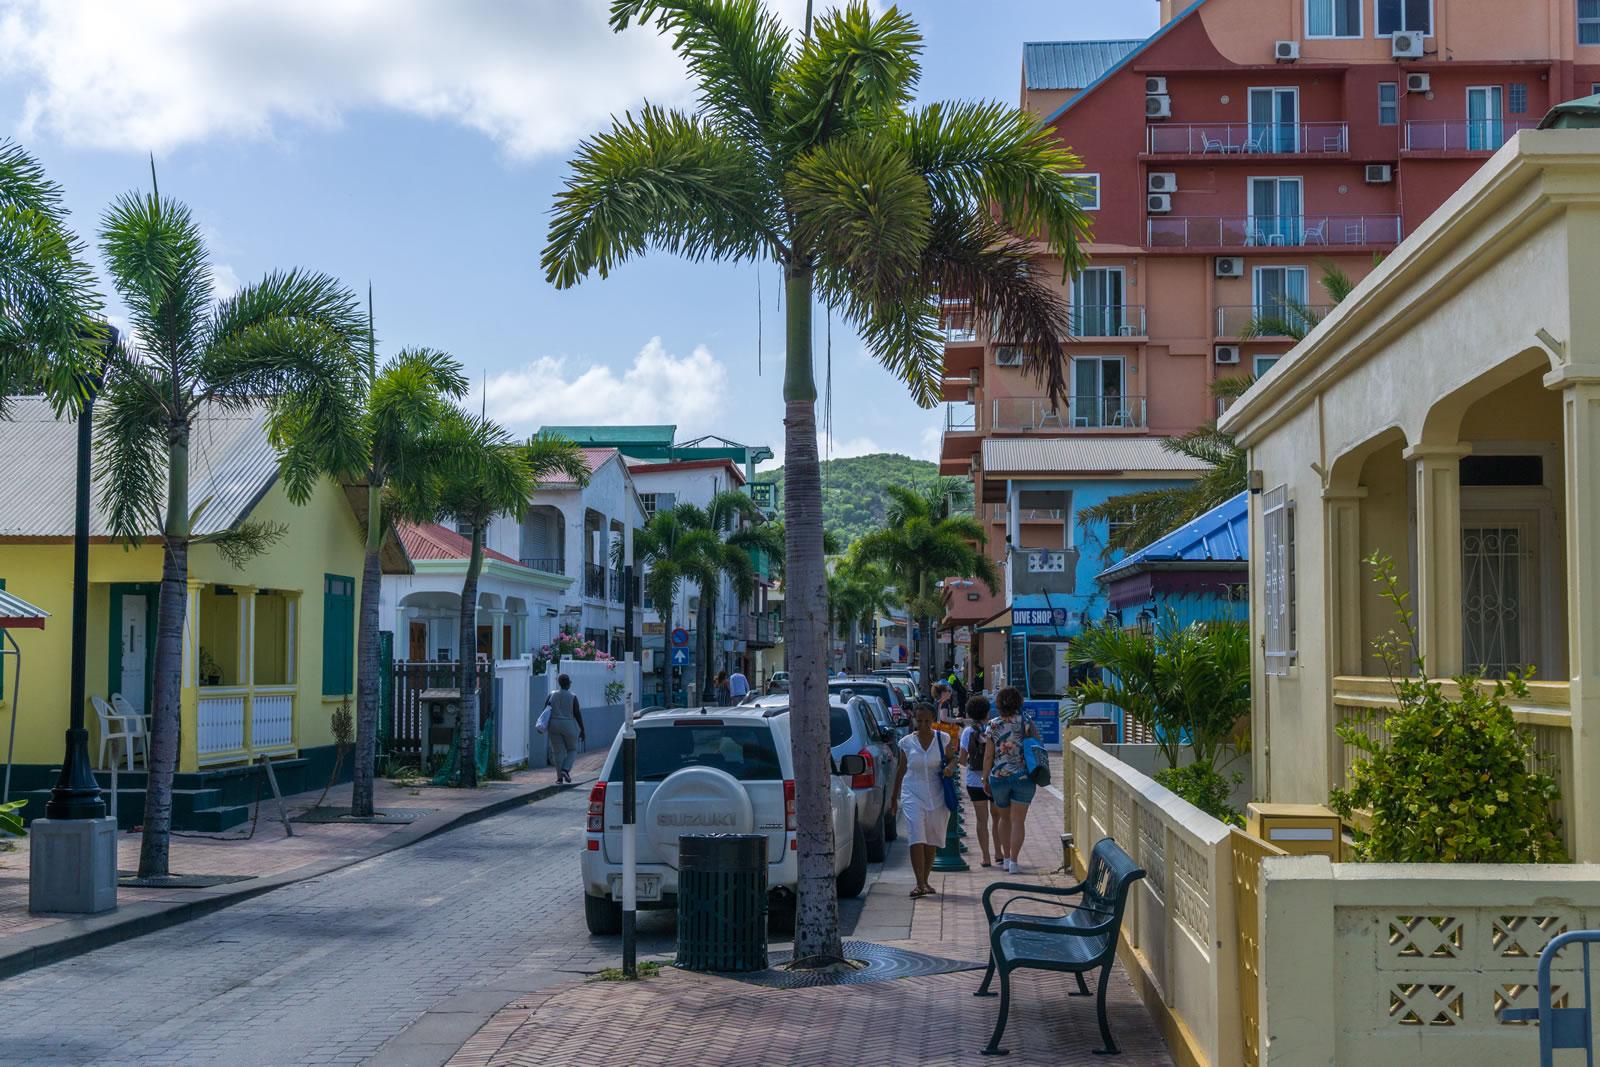 Maak een tour over het kleinste eiland ter wereld dat verdeeld is over twee landen